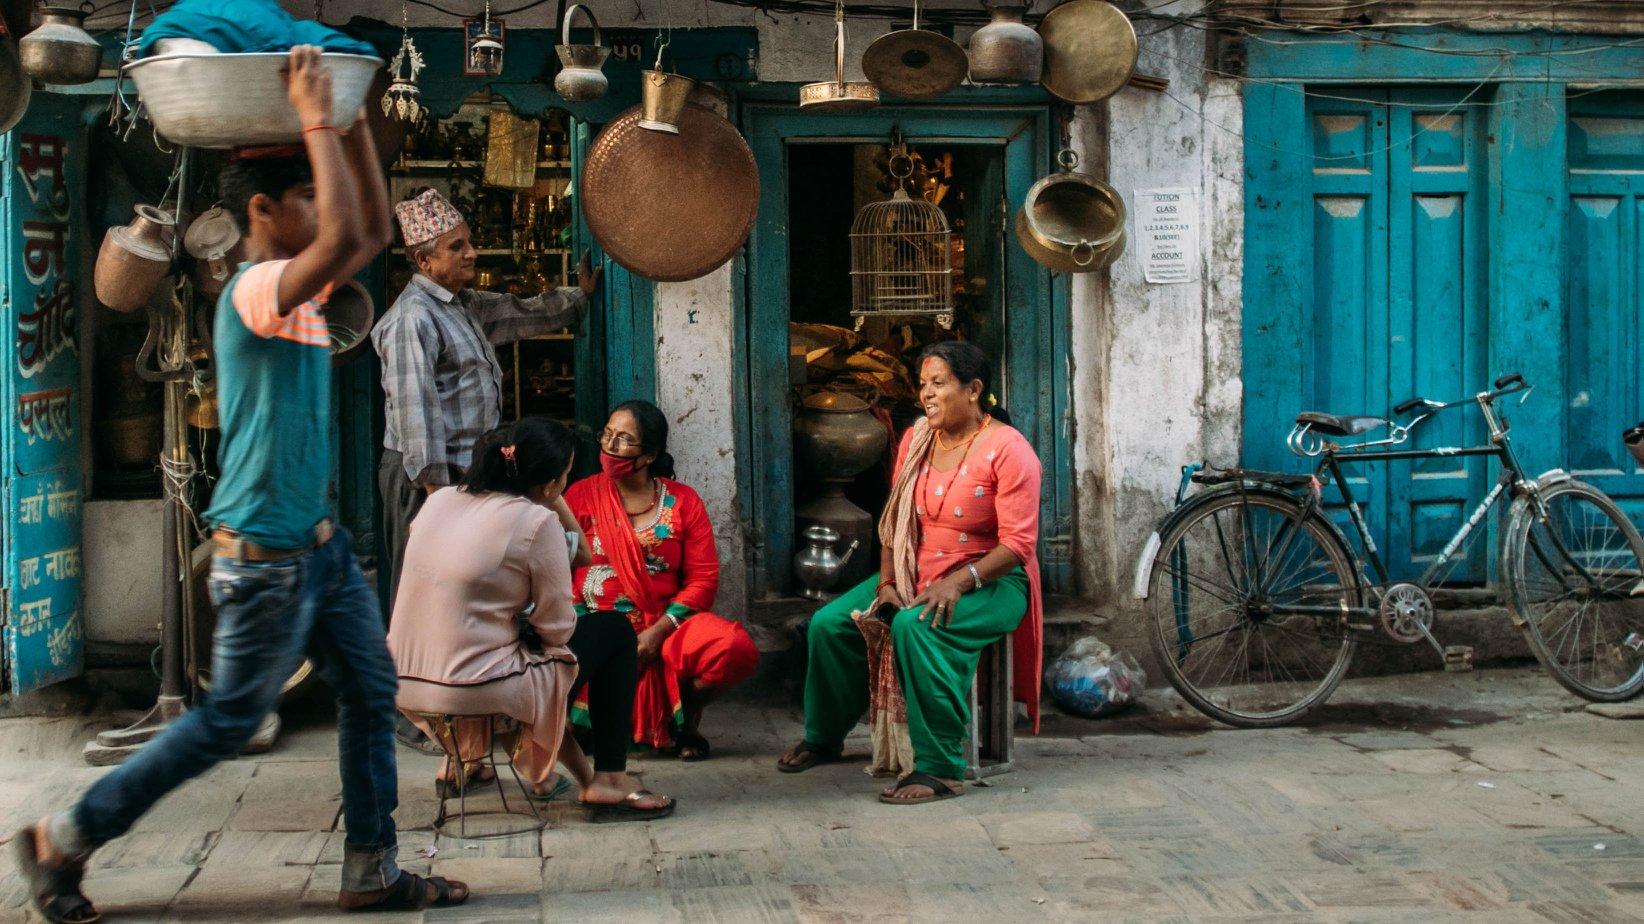 180904 India